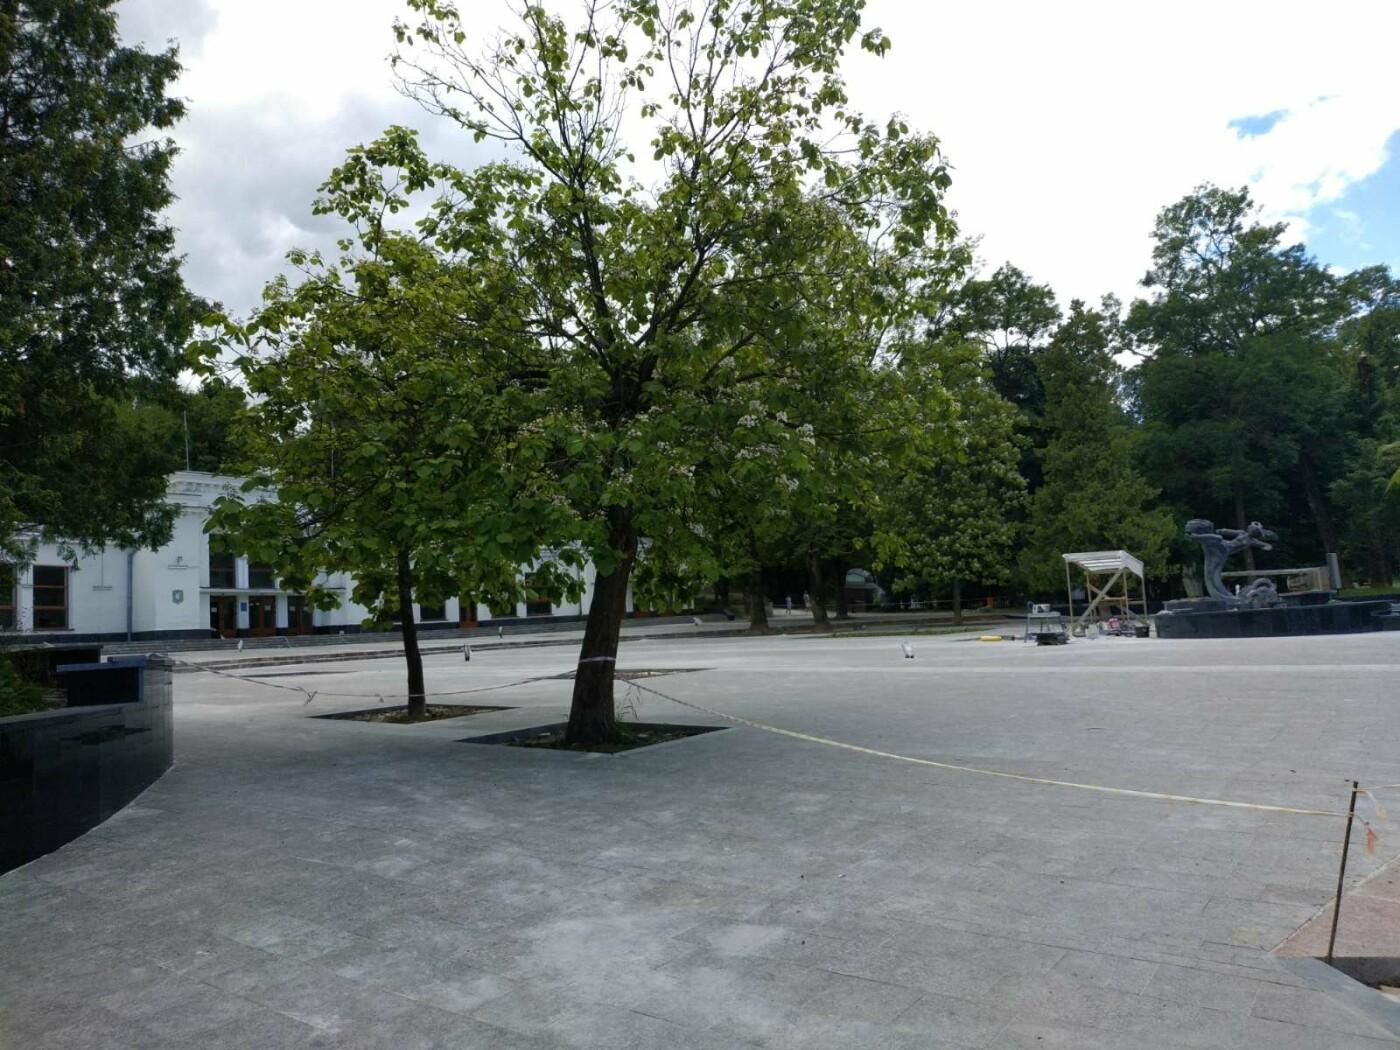 Реконструкція площі біля бювету триває (Фото), фото-1